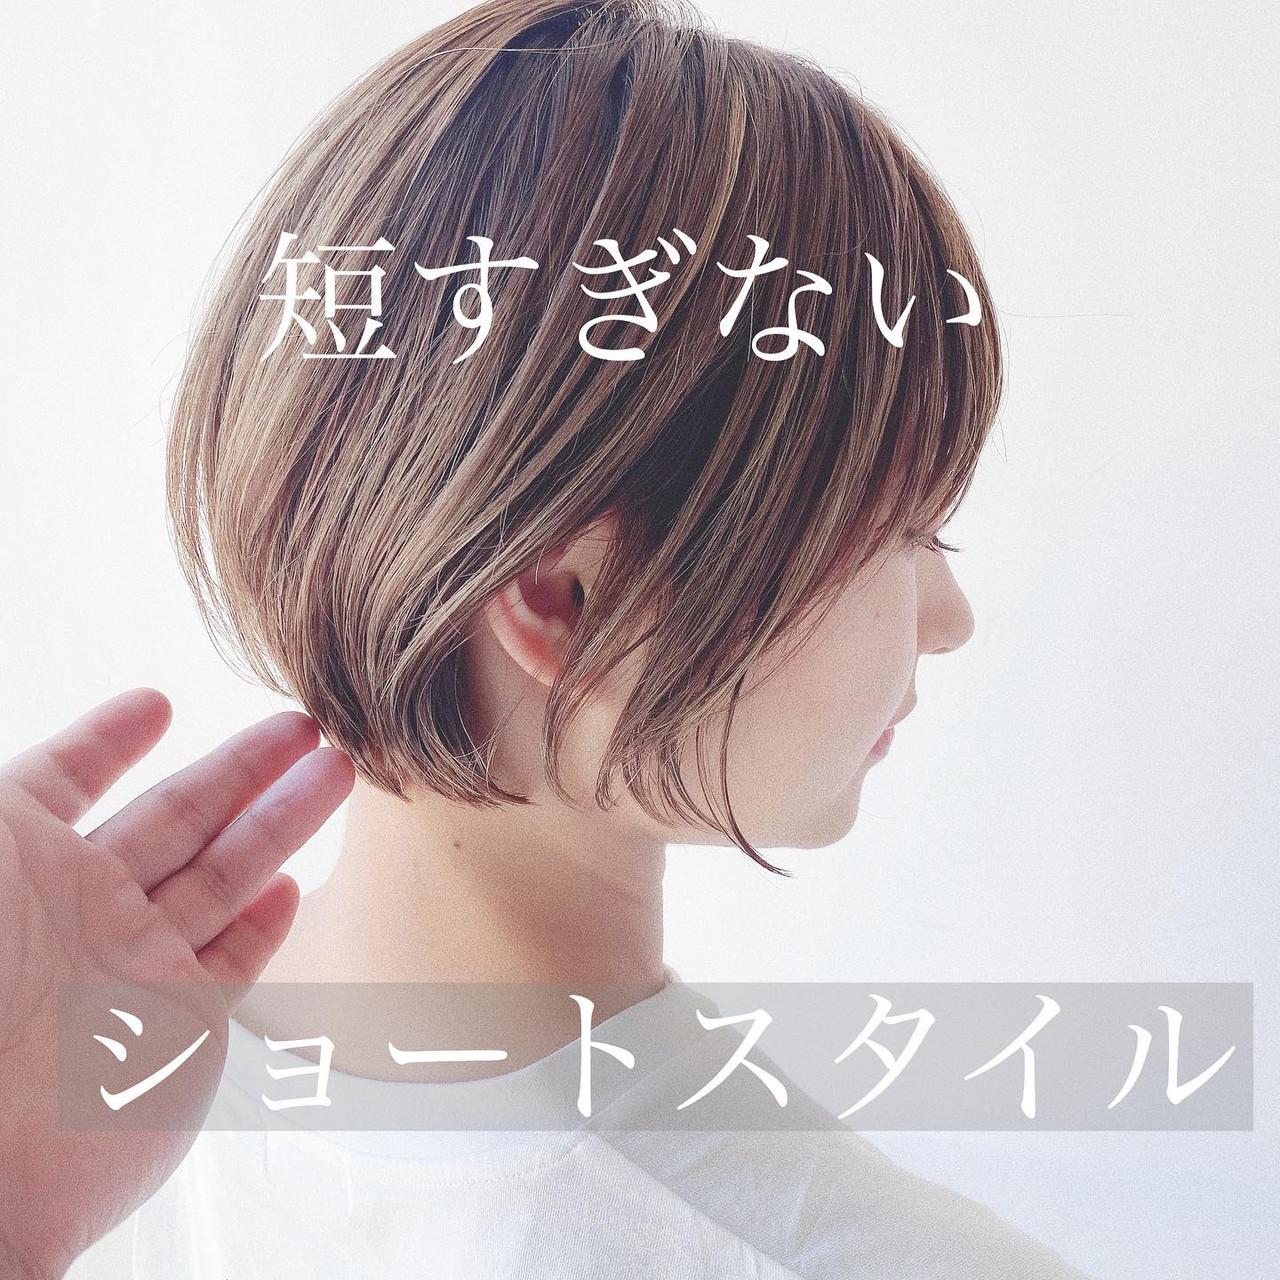 ナチュラル ショート オフィス アウトドア ヘアスタイルや髪型の写真・画像 | 矢野佑太郎 / GARDEN harajuku